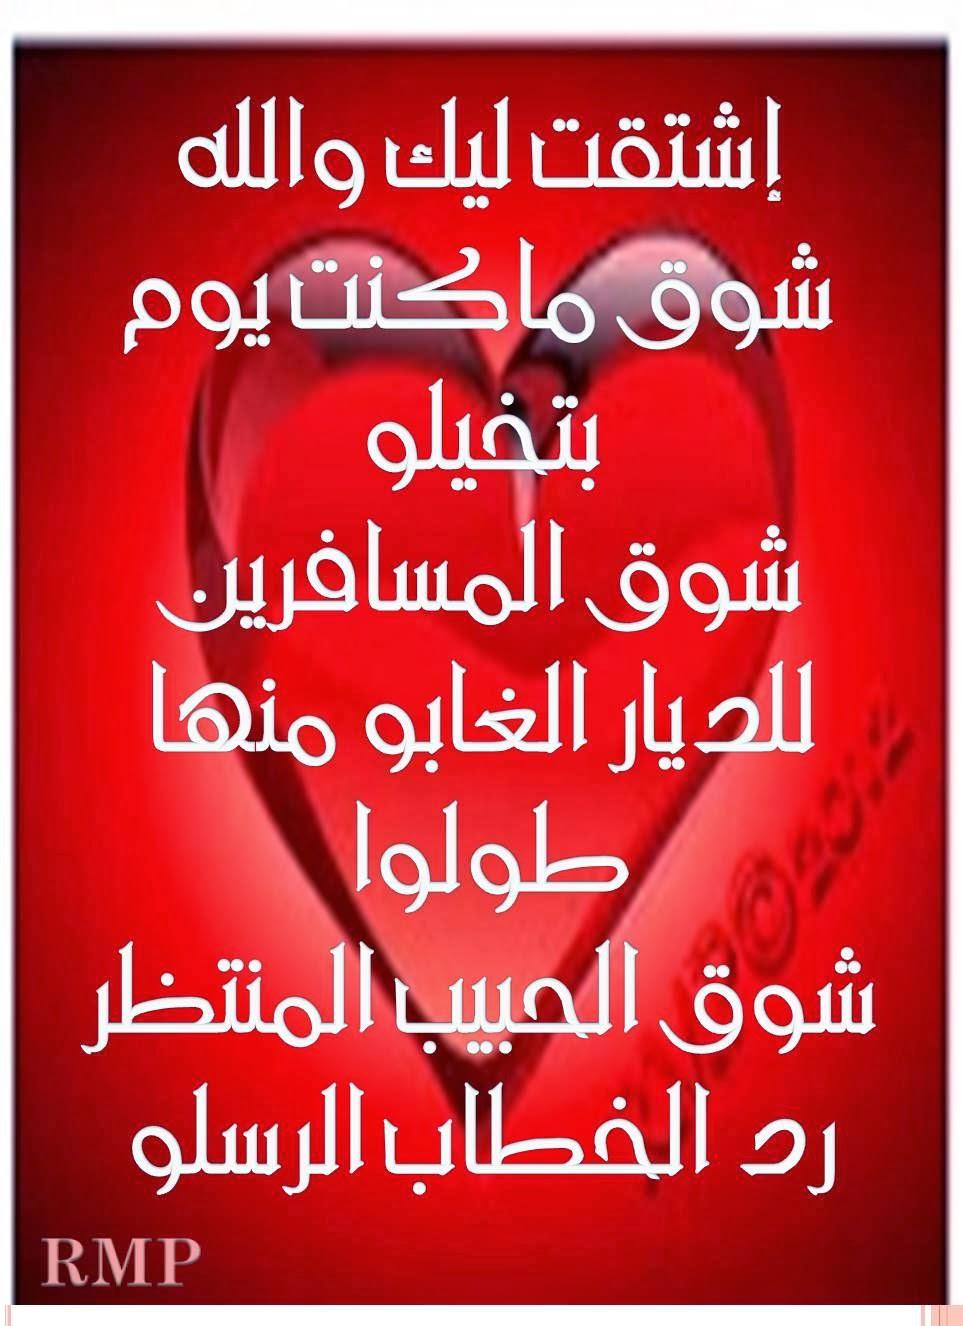 بالصور اشعار حب رومانسية , اجمل و احلى اشعار للحب 1192 4